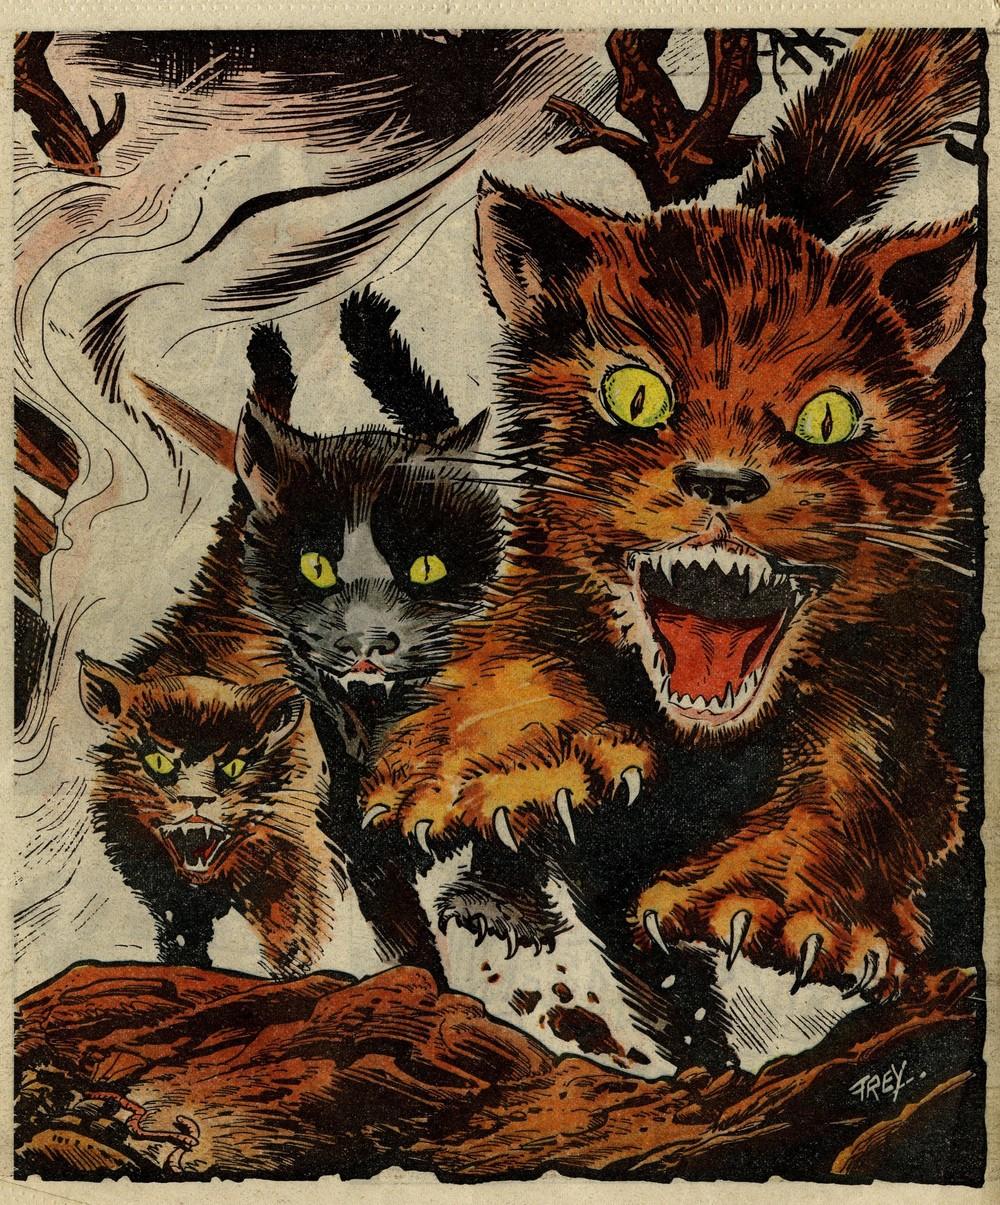 Poster artwork: Oliver Frey